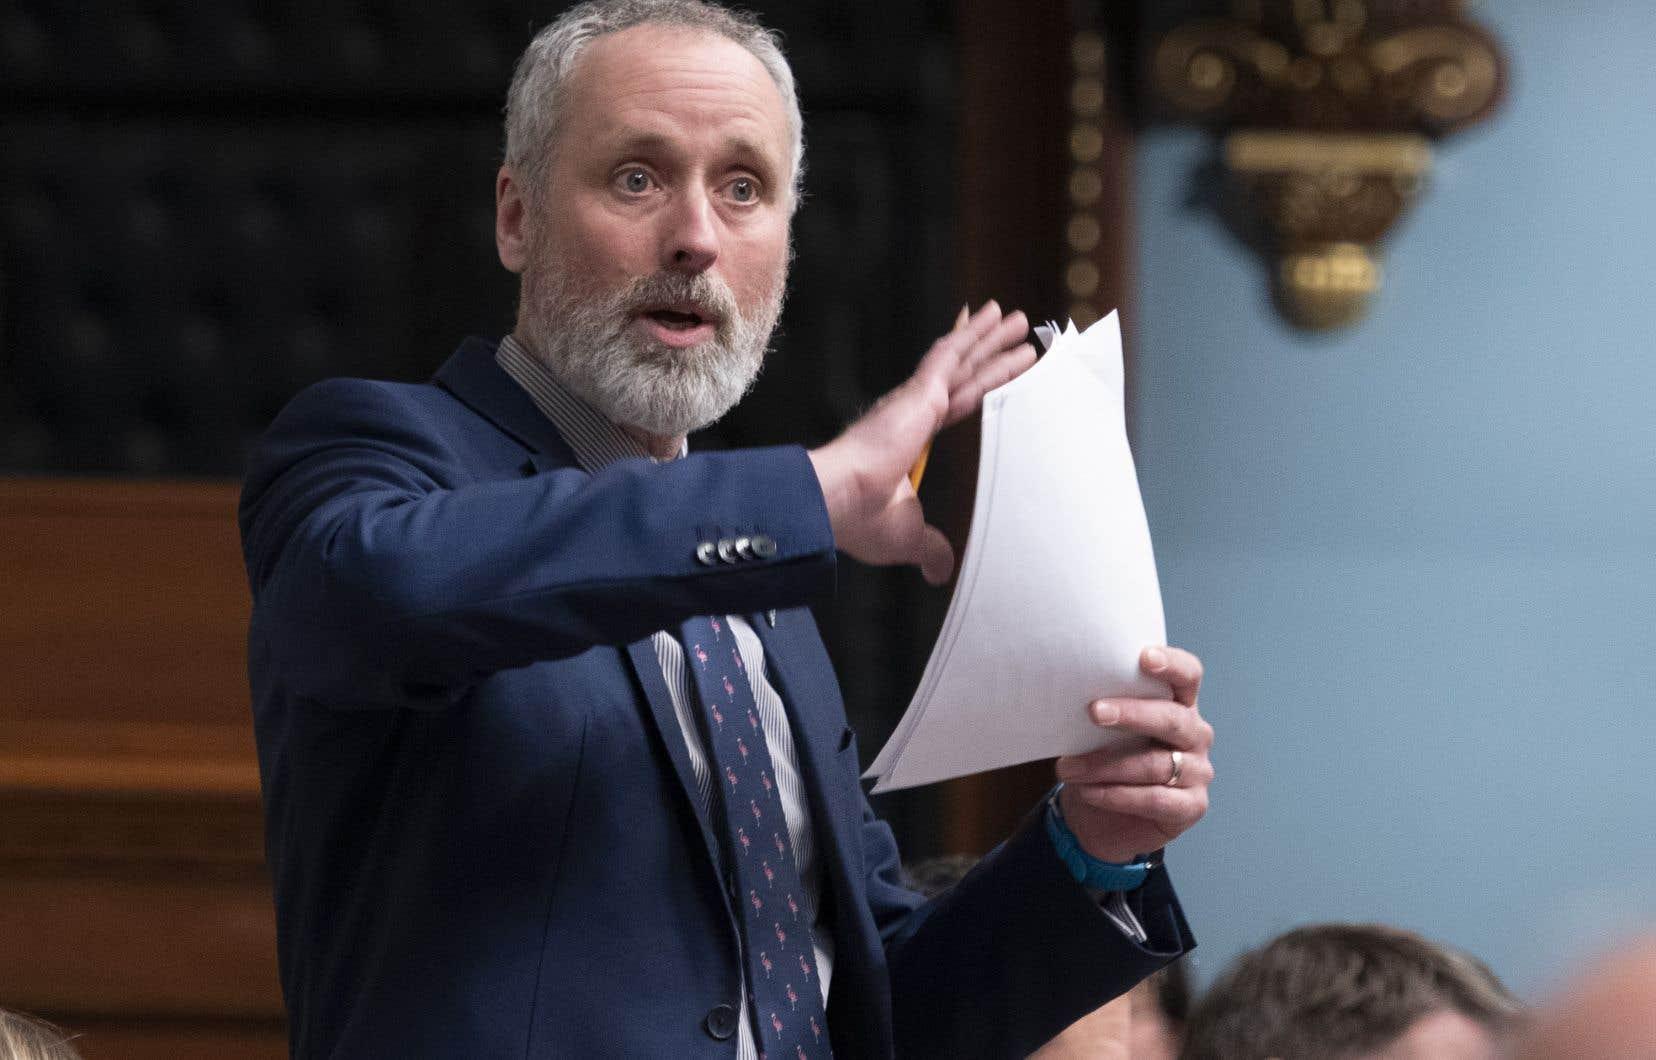 «Le problème de la ligne bleue, ce n'est pas l'ingénierie, ce n'est pas la construction et ce n'est certainement pas le besoin, le problème c'est la politique», a affirmé le député solidaire Vincent Marissal.